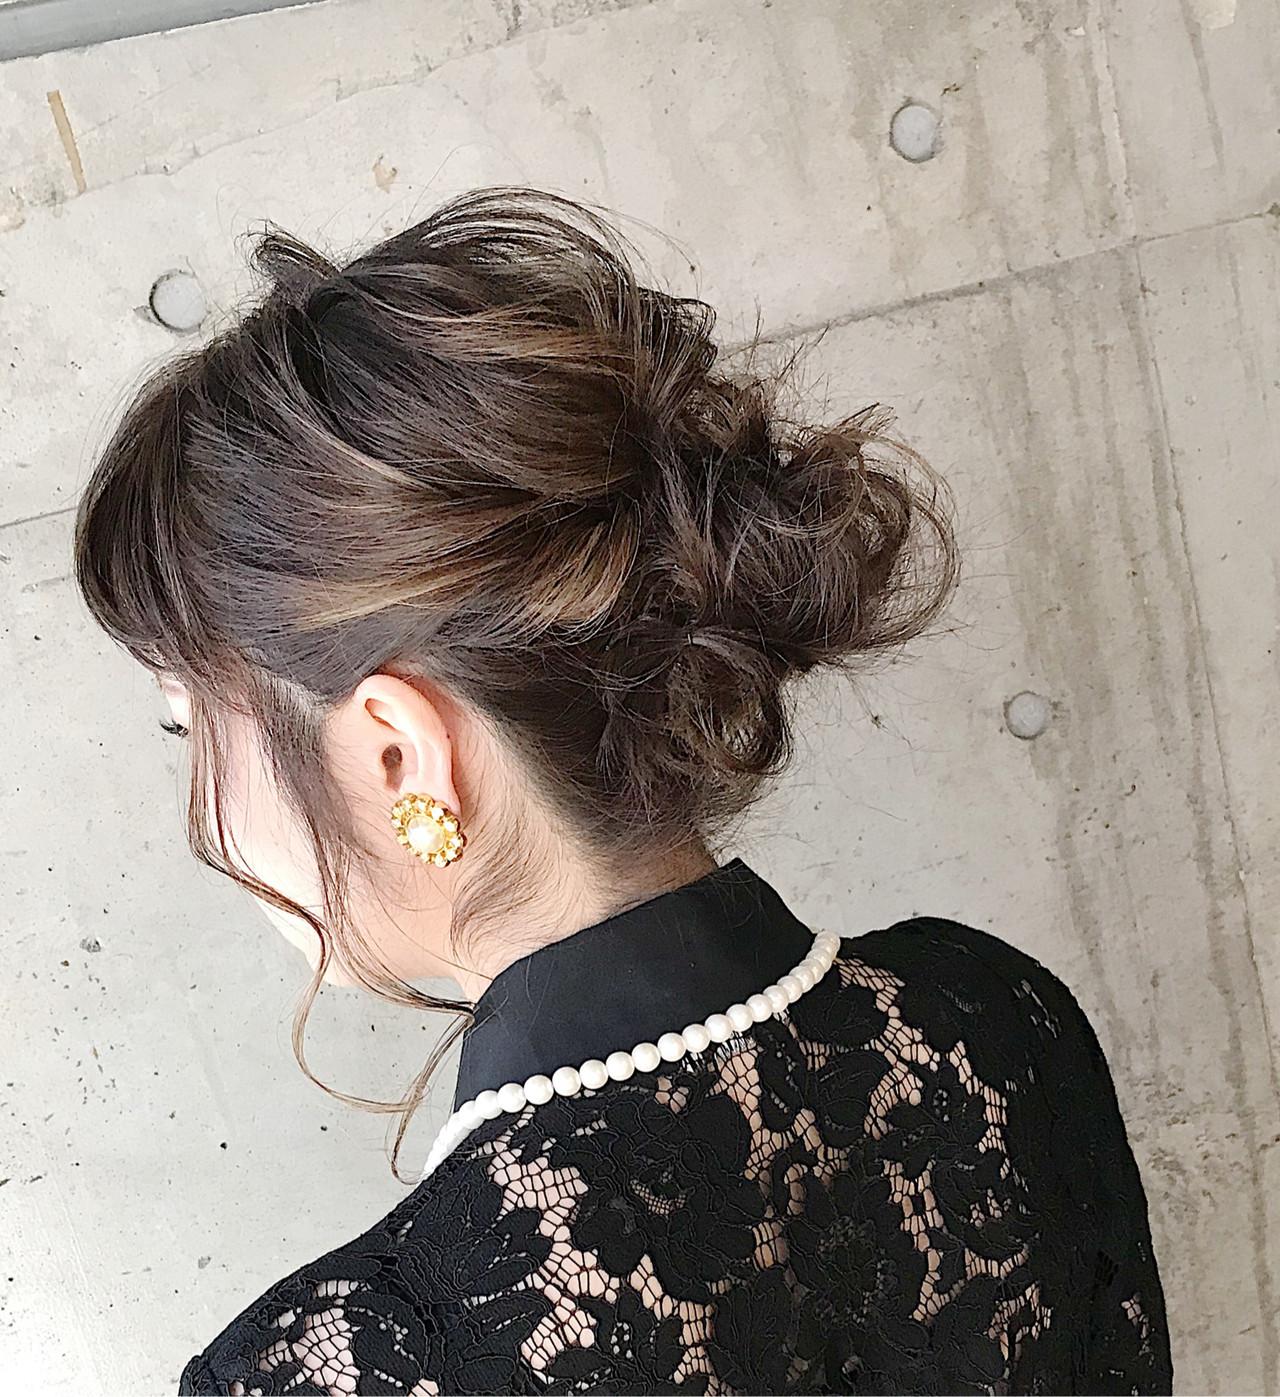 ミディアム ふわふわヘアアレンジ 結婚式ヘアアレンジ ナチュラル ヘアスタイルや髪型の写真・画像 | 内田 一也 / hair/nail space a:le